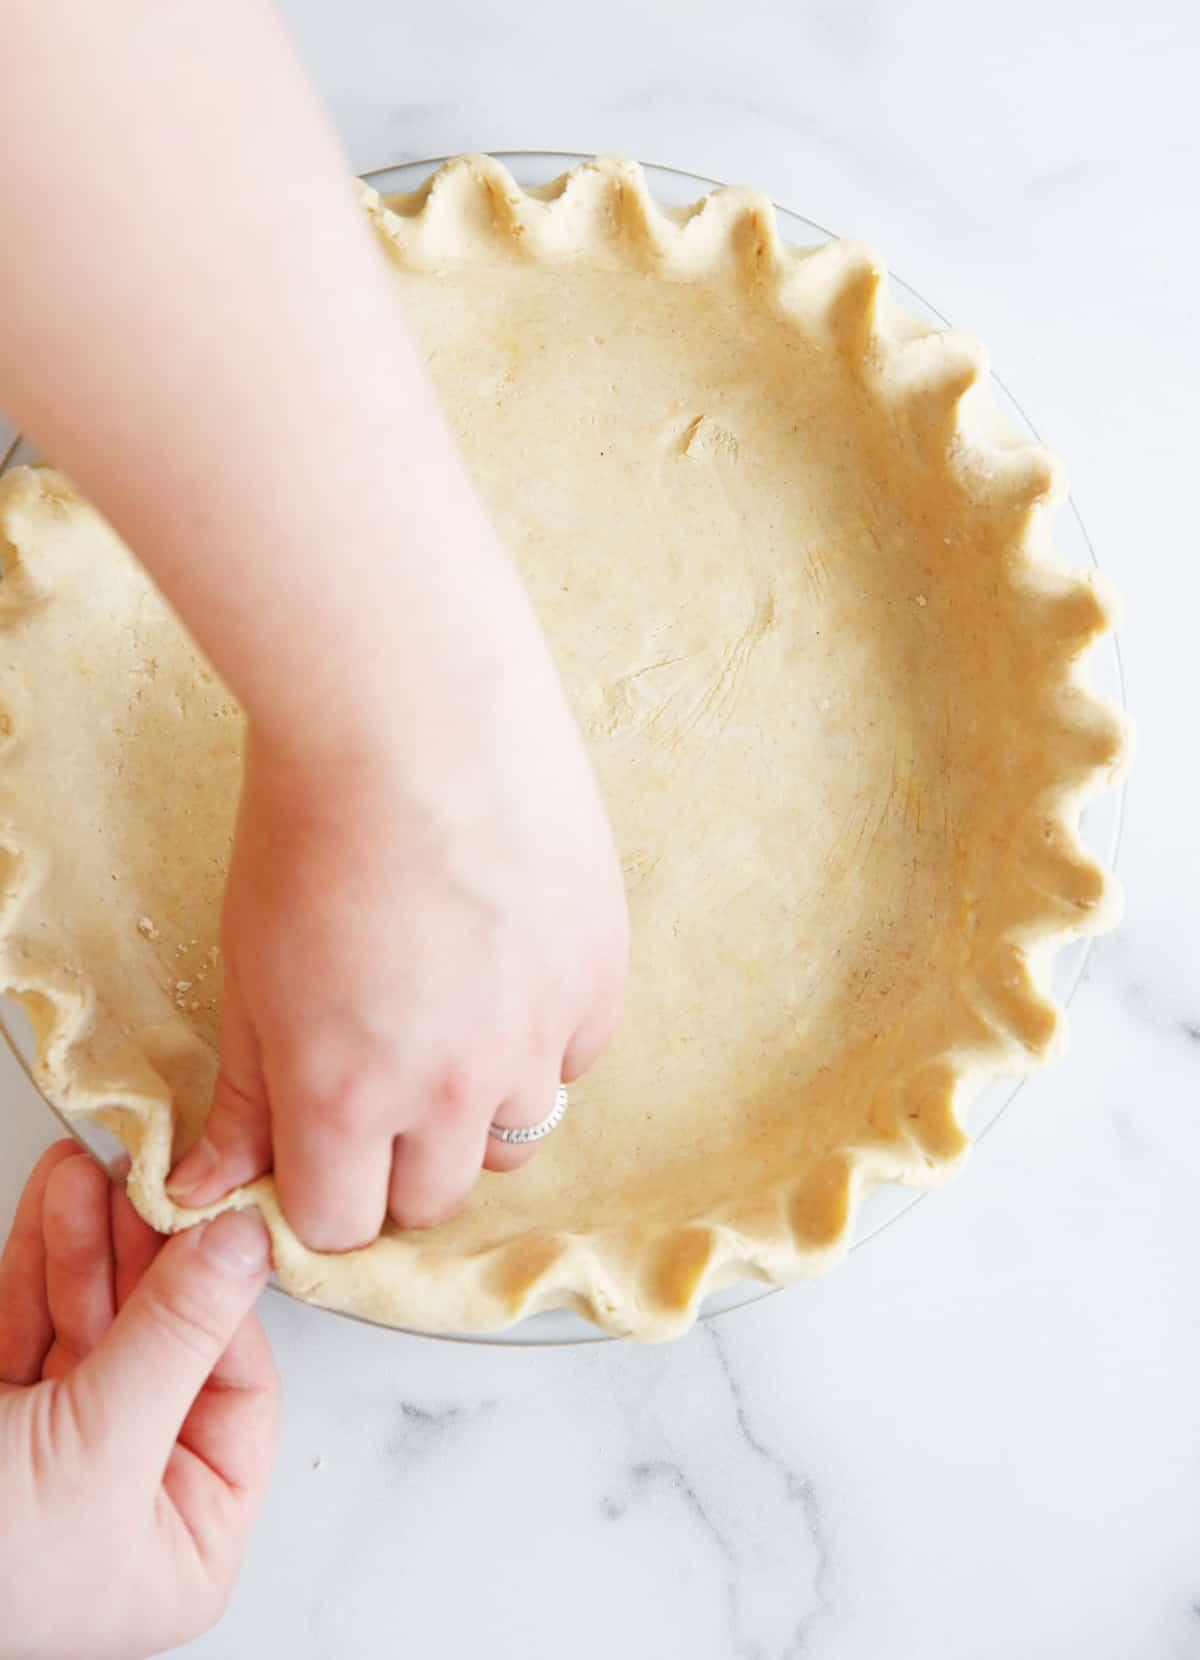 Gf pie crust in pie pan